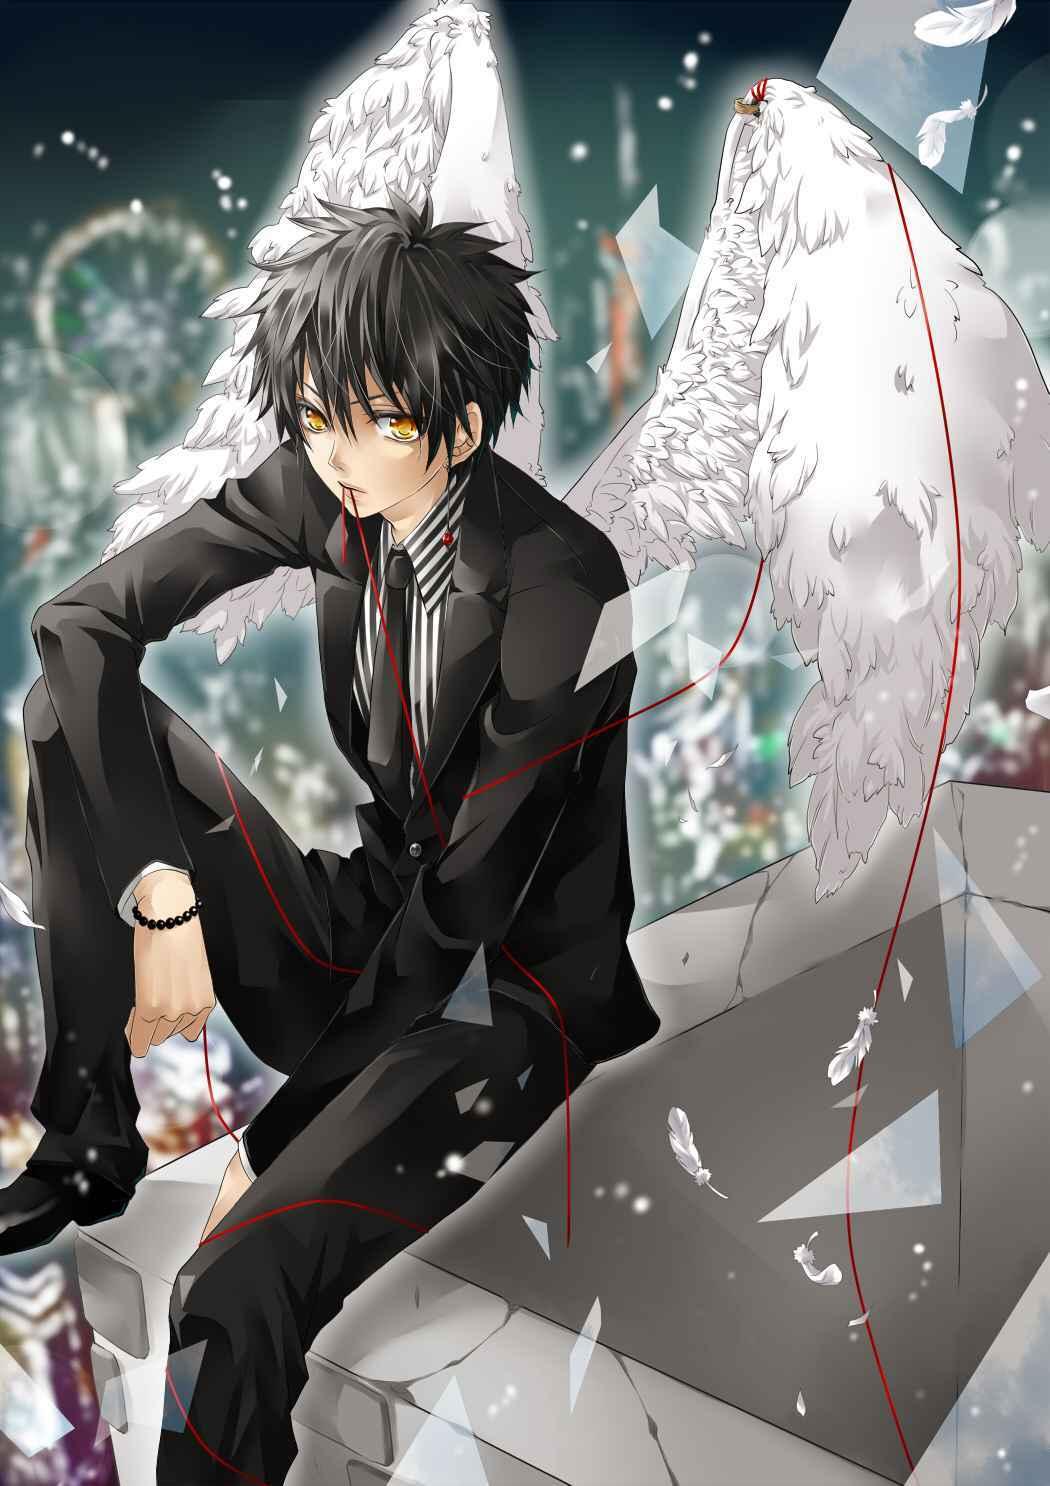 Ảnh anime thiên thần nam đẹp trai